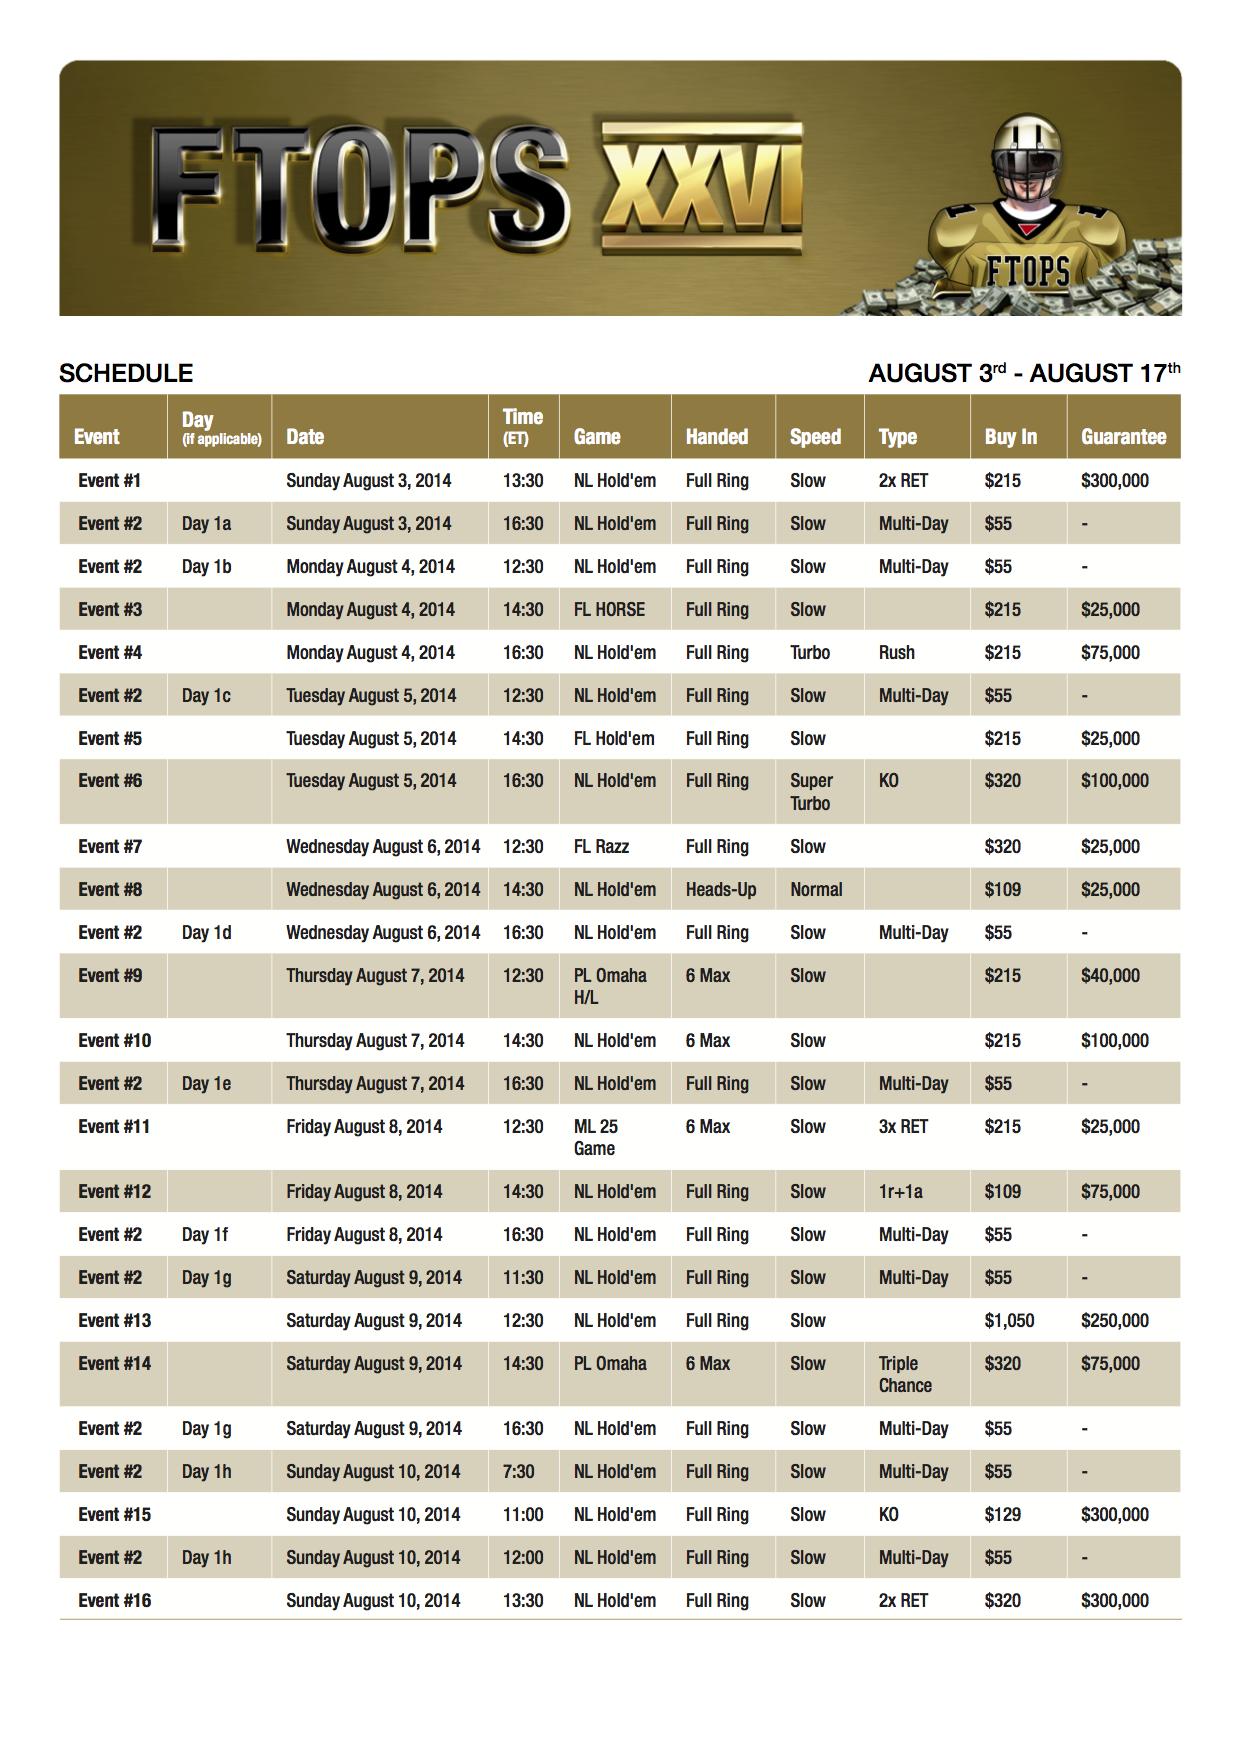 Full Tilt Online Poker Series XXVI - Mais de ,5 Milhões Garantidos de 3 a 17 de Agosto 101